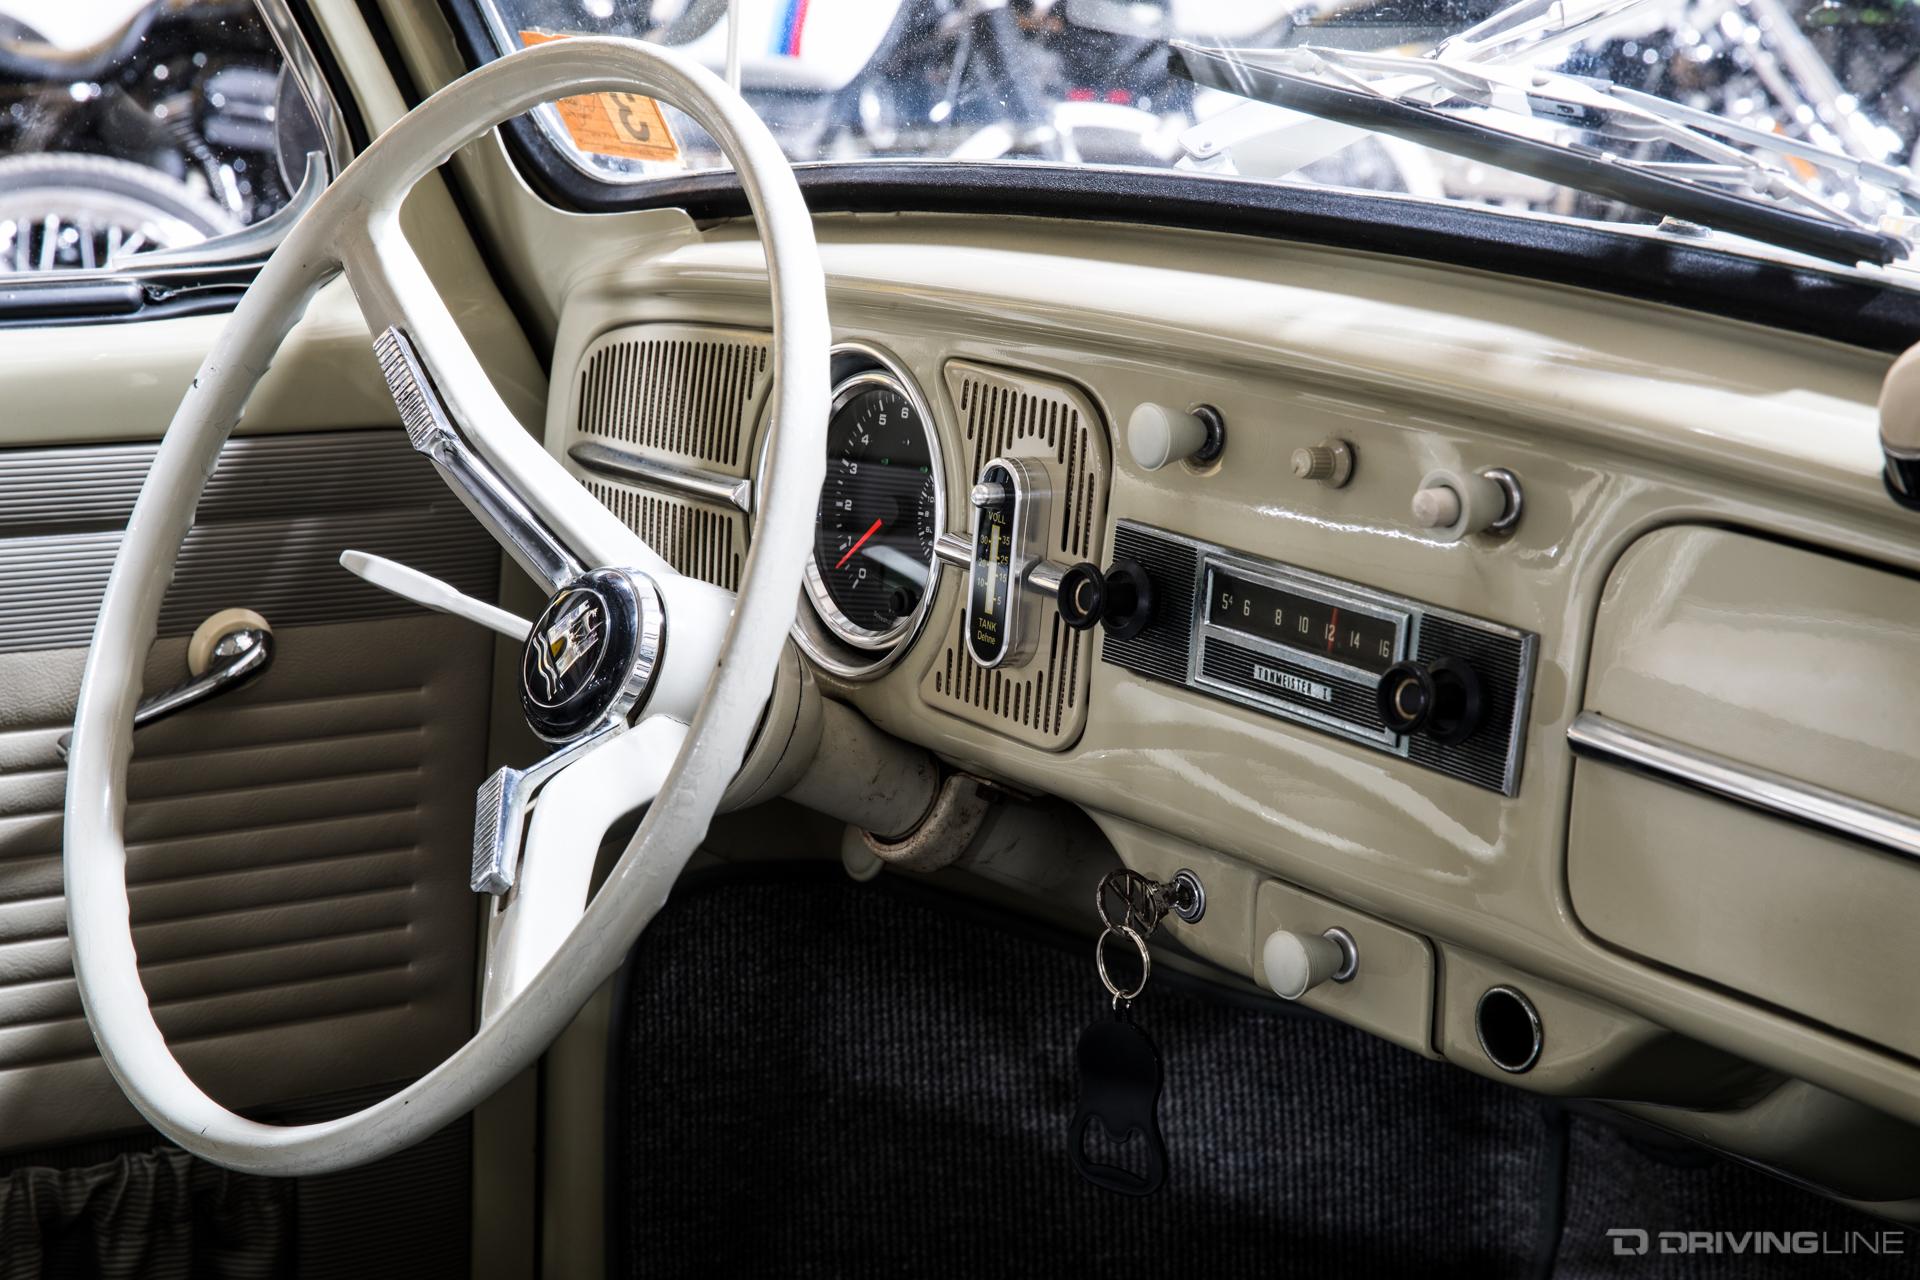 Hot Rod Bug: Gas Monkey Garage's 1965 Volkswagen Beetle | DrivingLine